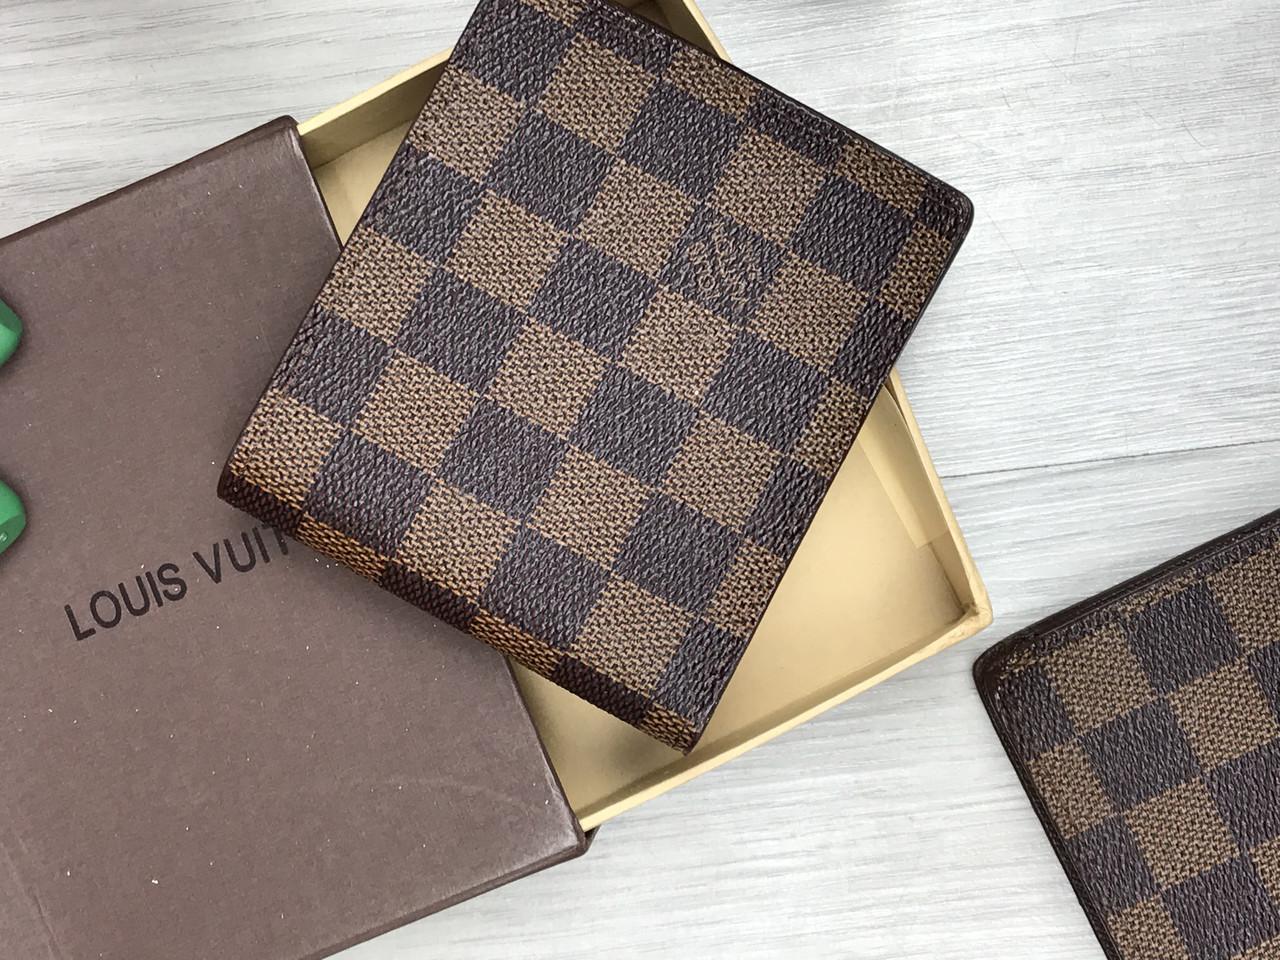 90703ef7533a Кошелек Louis Vuitton: продажа, цена в Харькове. кошельки и портмоне ...